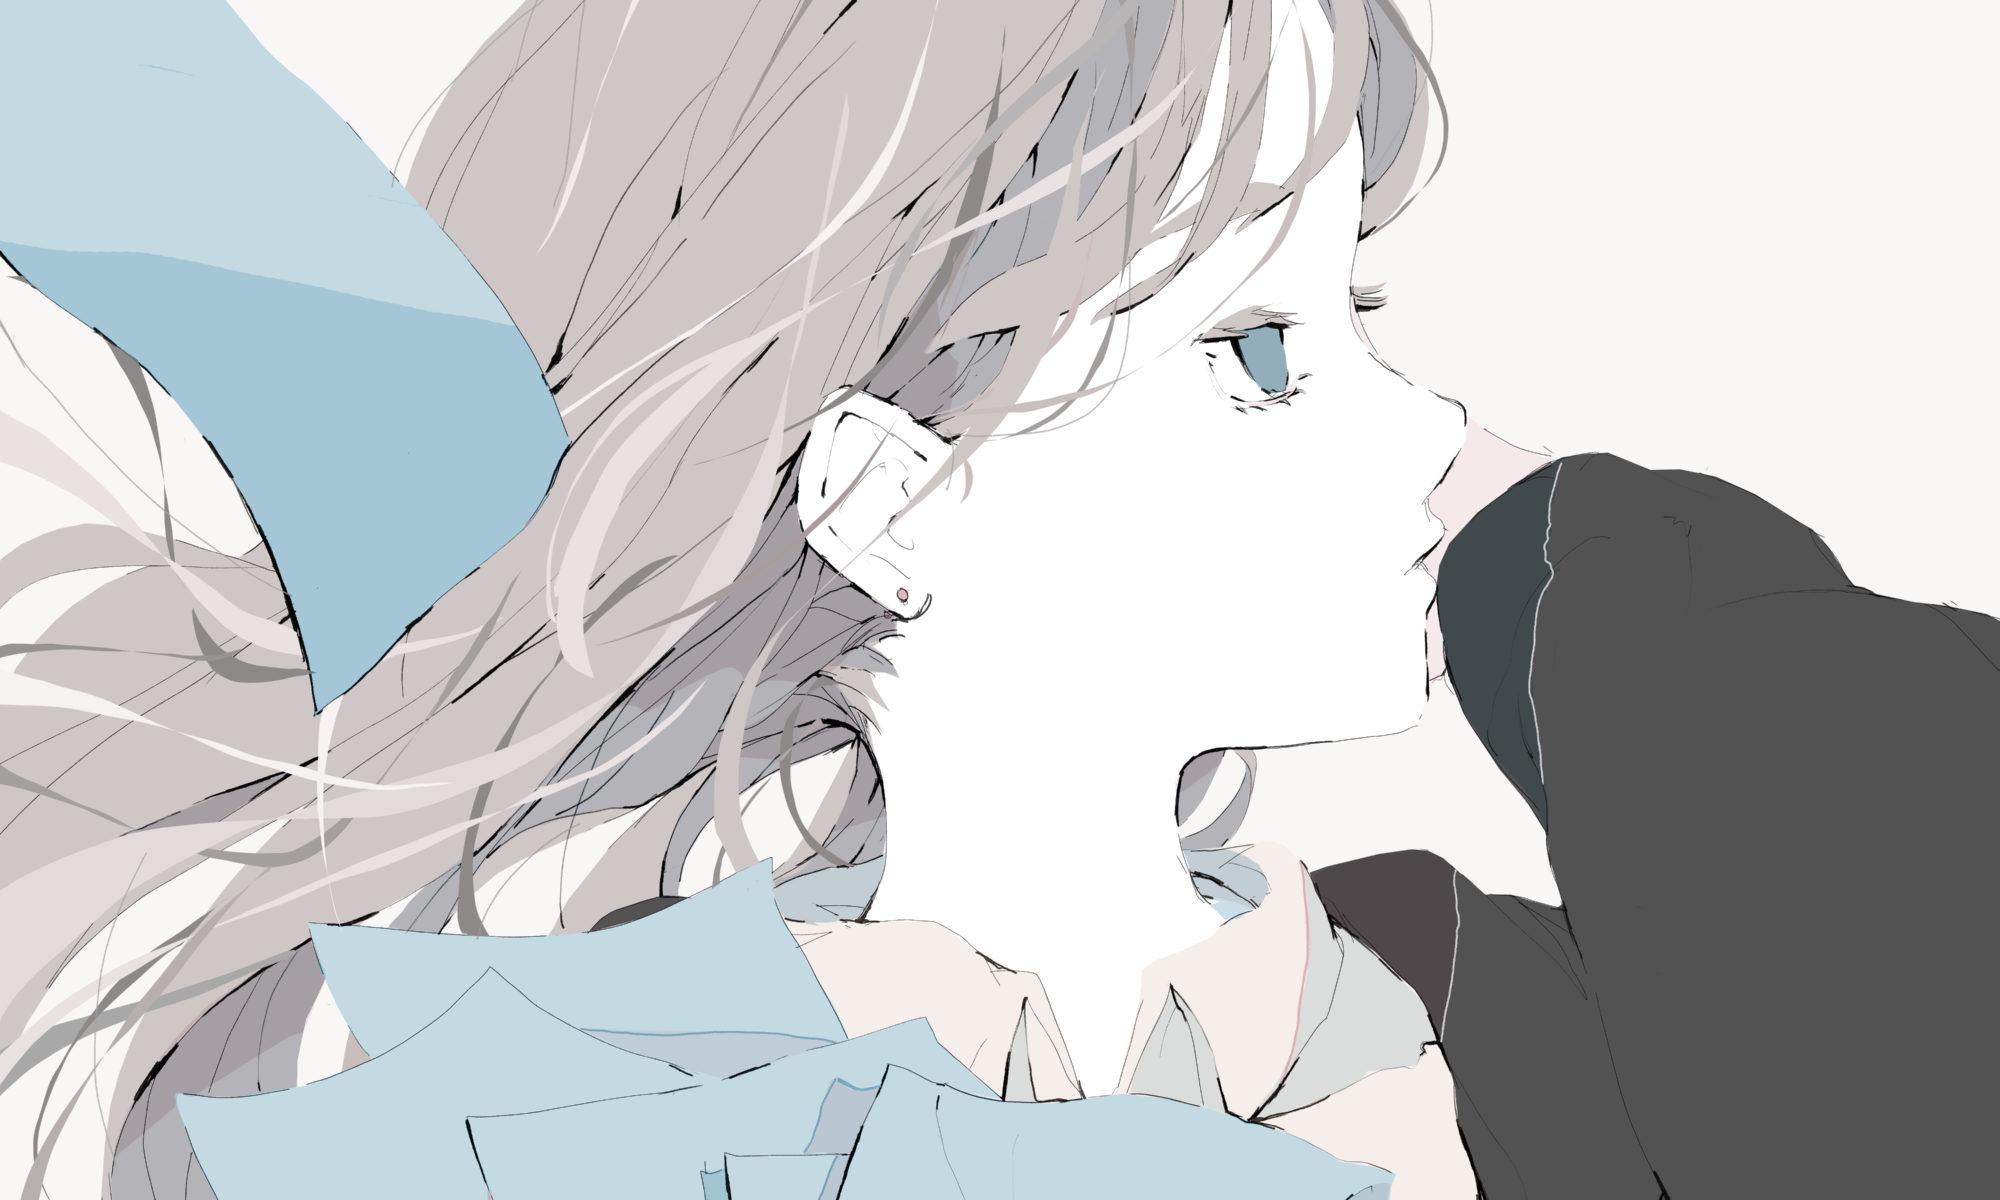 髪が風でなびく女の子のフリーアイコン/イラスト